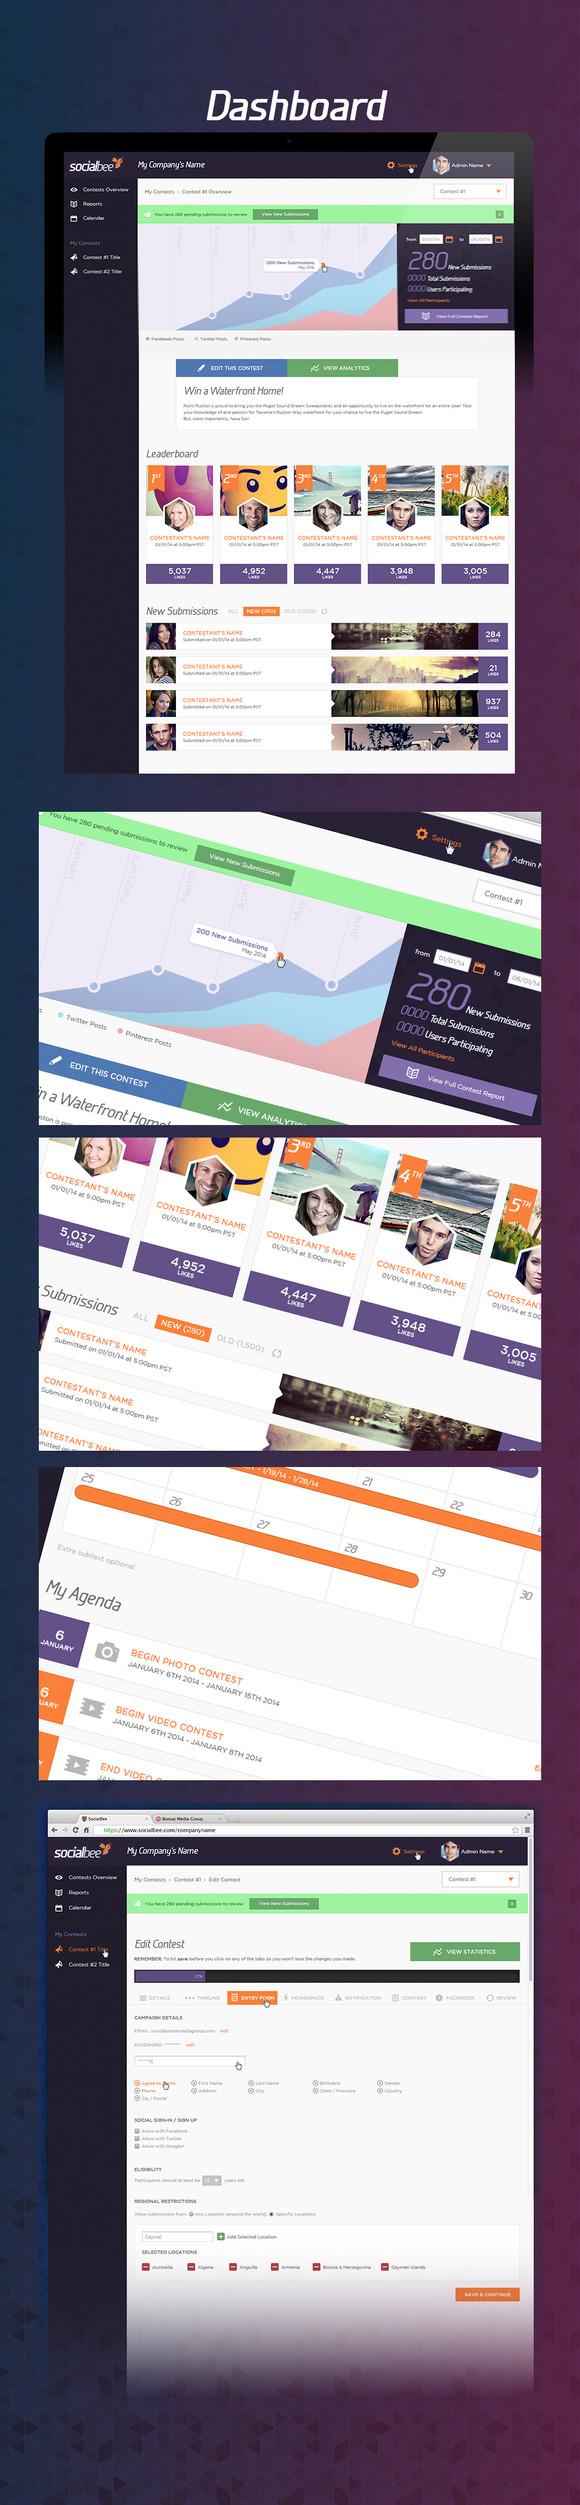 SocialBee Dashboard